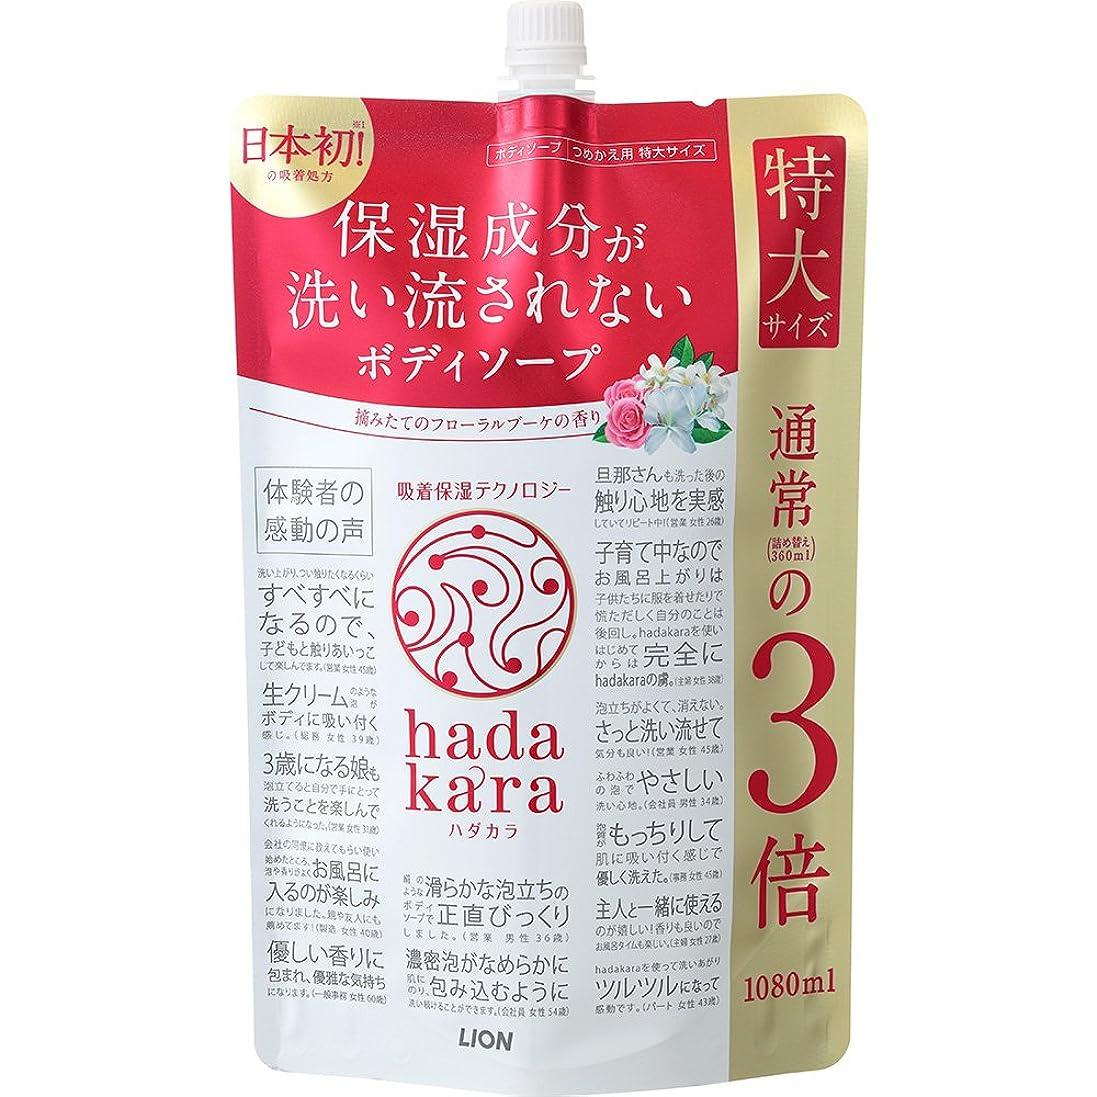 成人期シビック顧問【大容量】hadakara(ハダカラ) ボディソープ フローラルブーケの香り 詰め替え 特大 1080ml